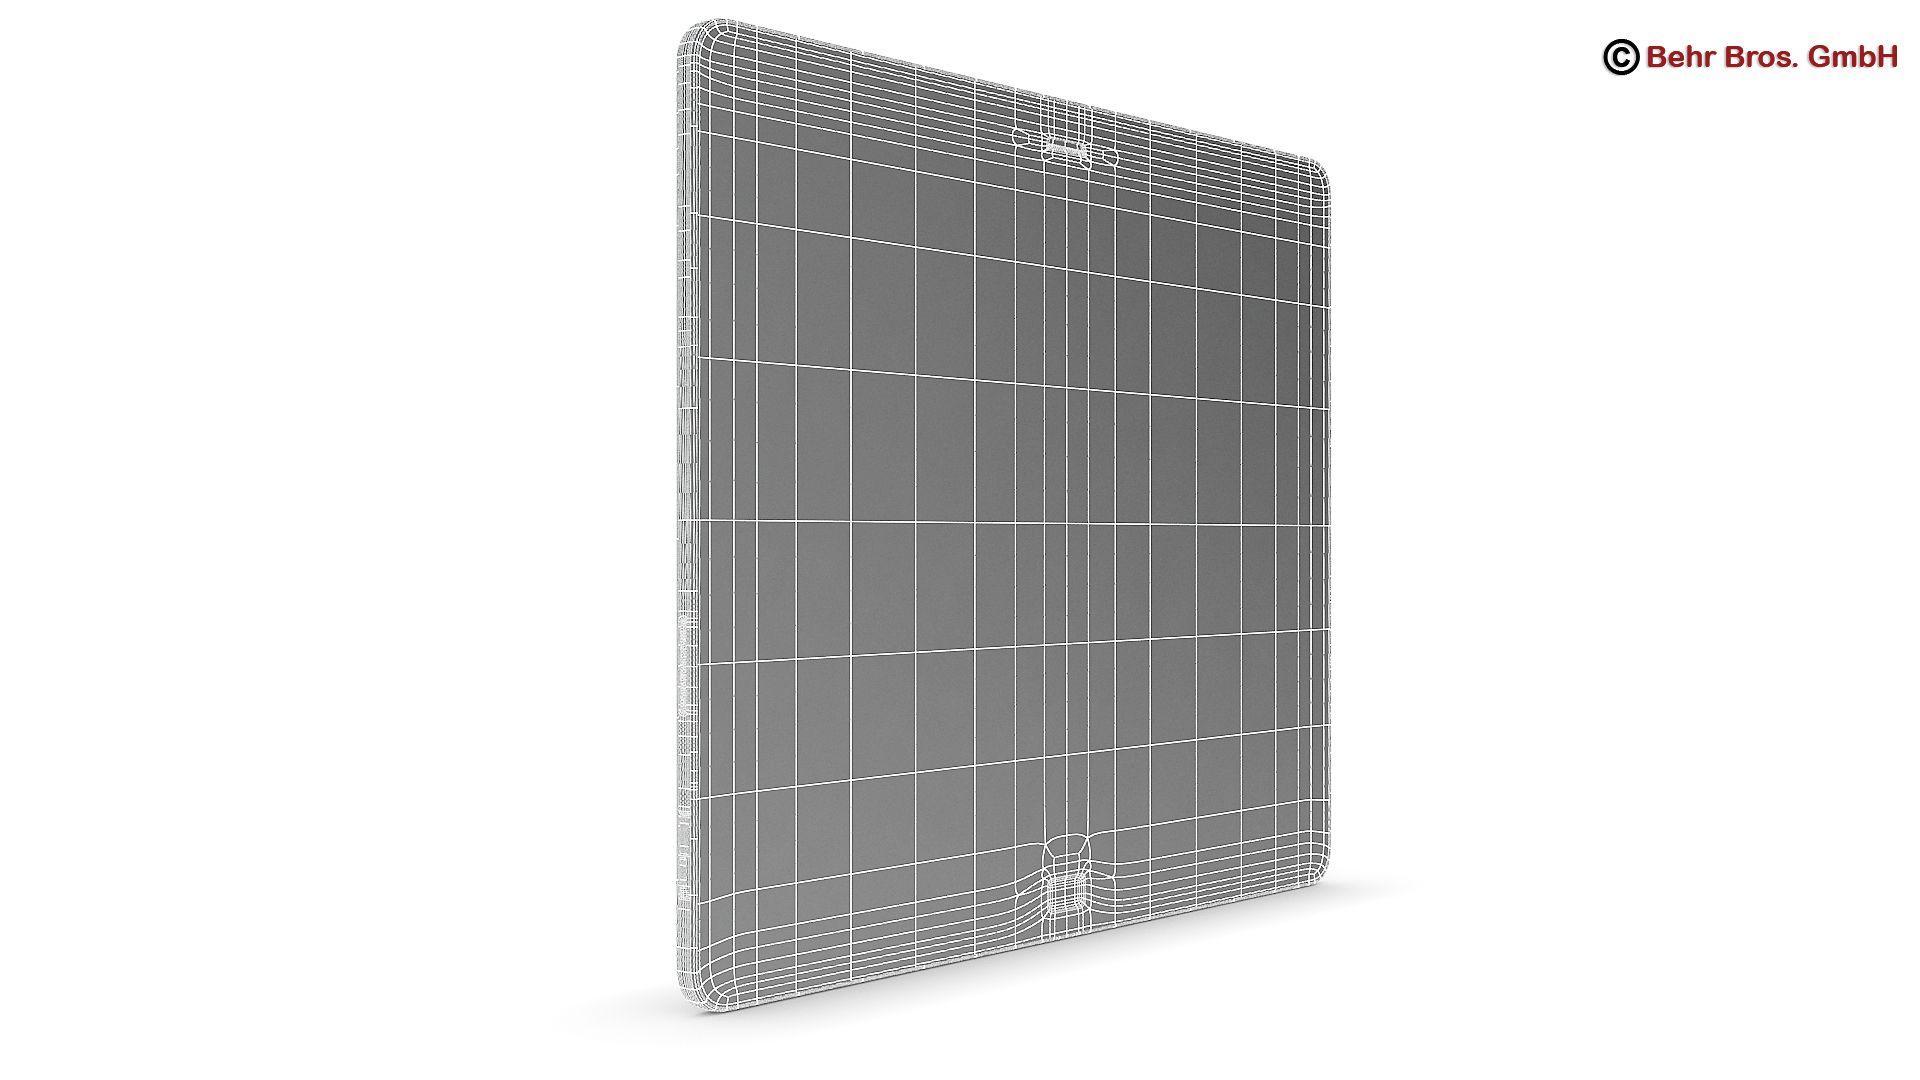 generic tablet 9.7 inch 3d model 3ds max fbx c4d lwo ma mb obj 162913